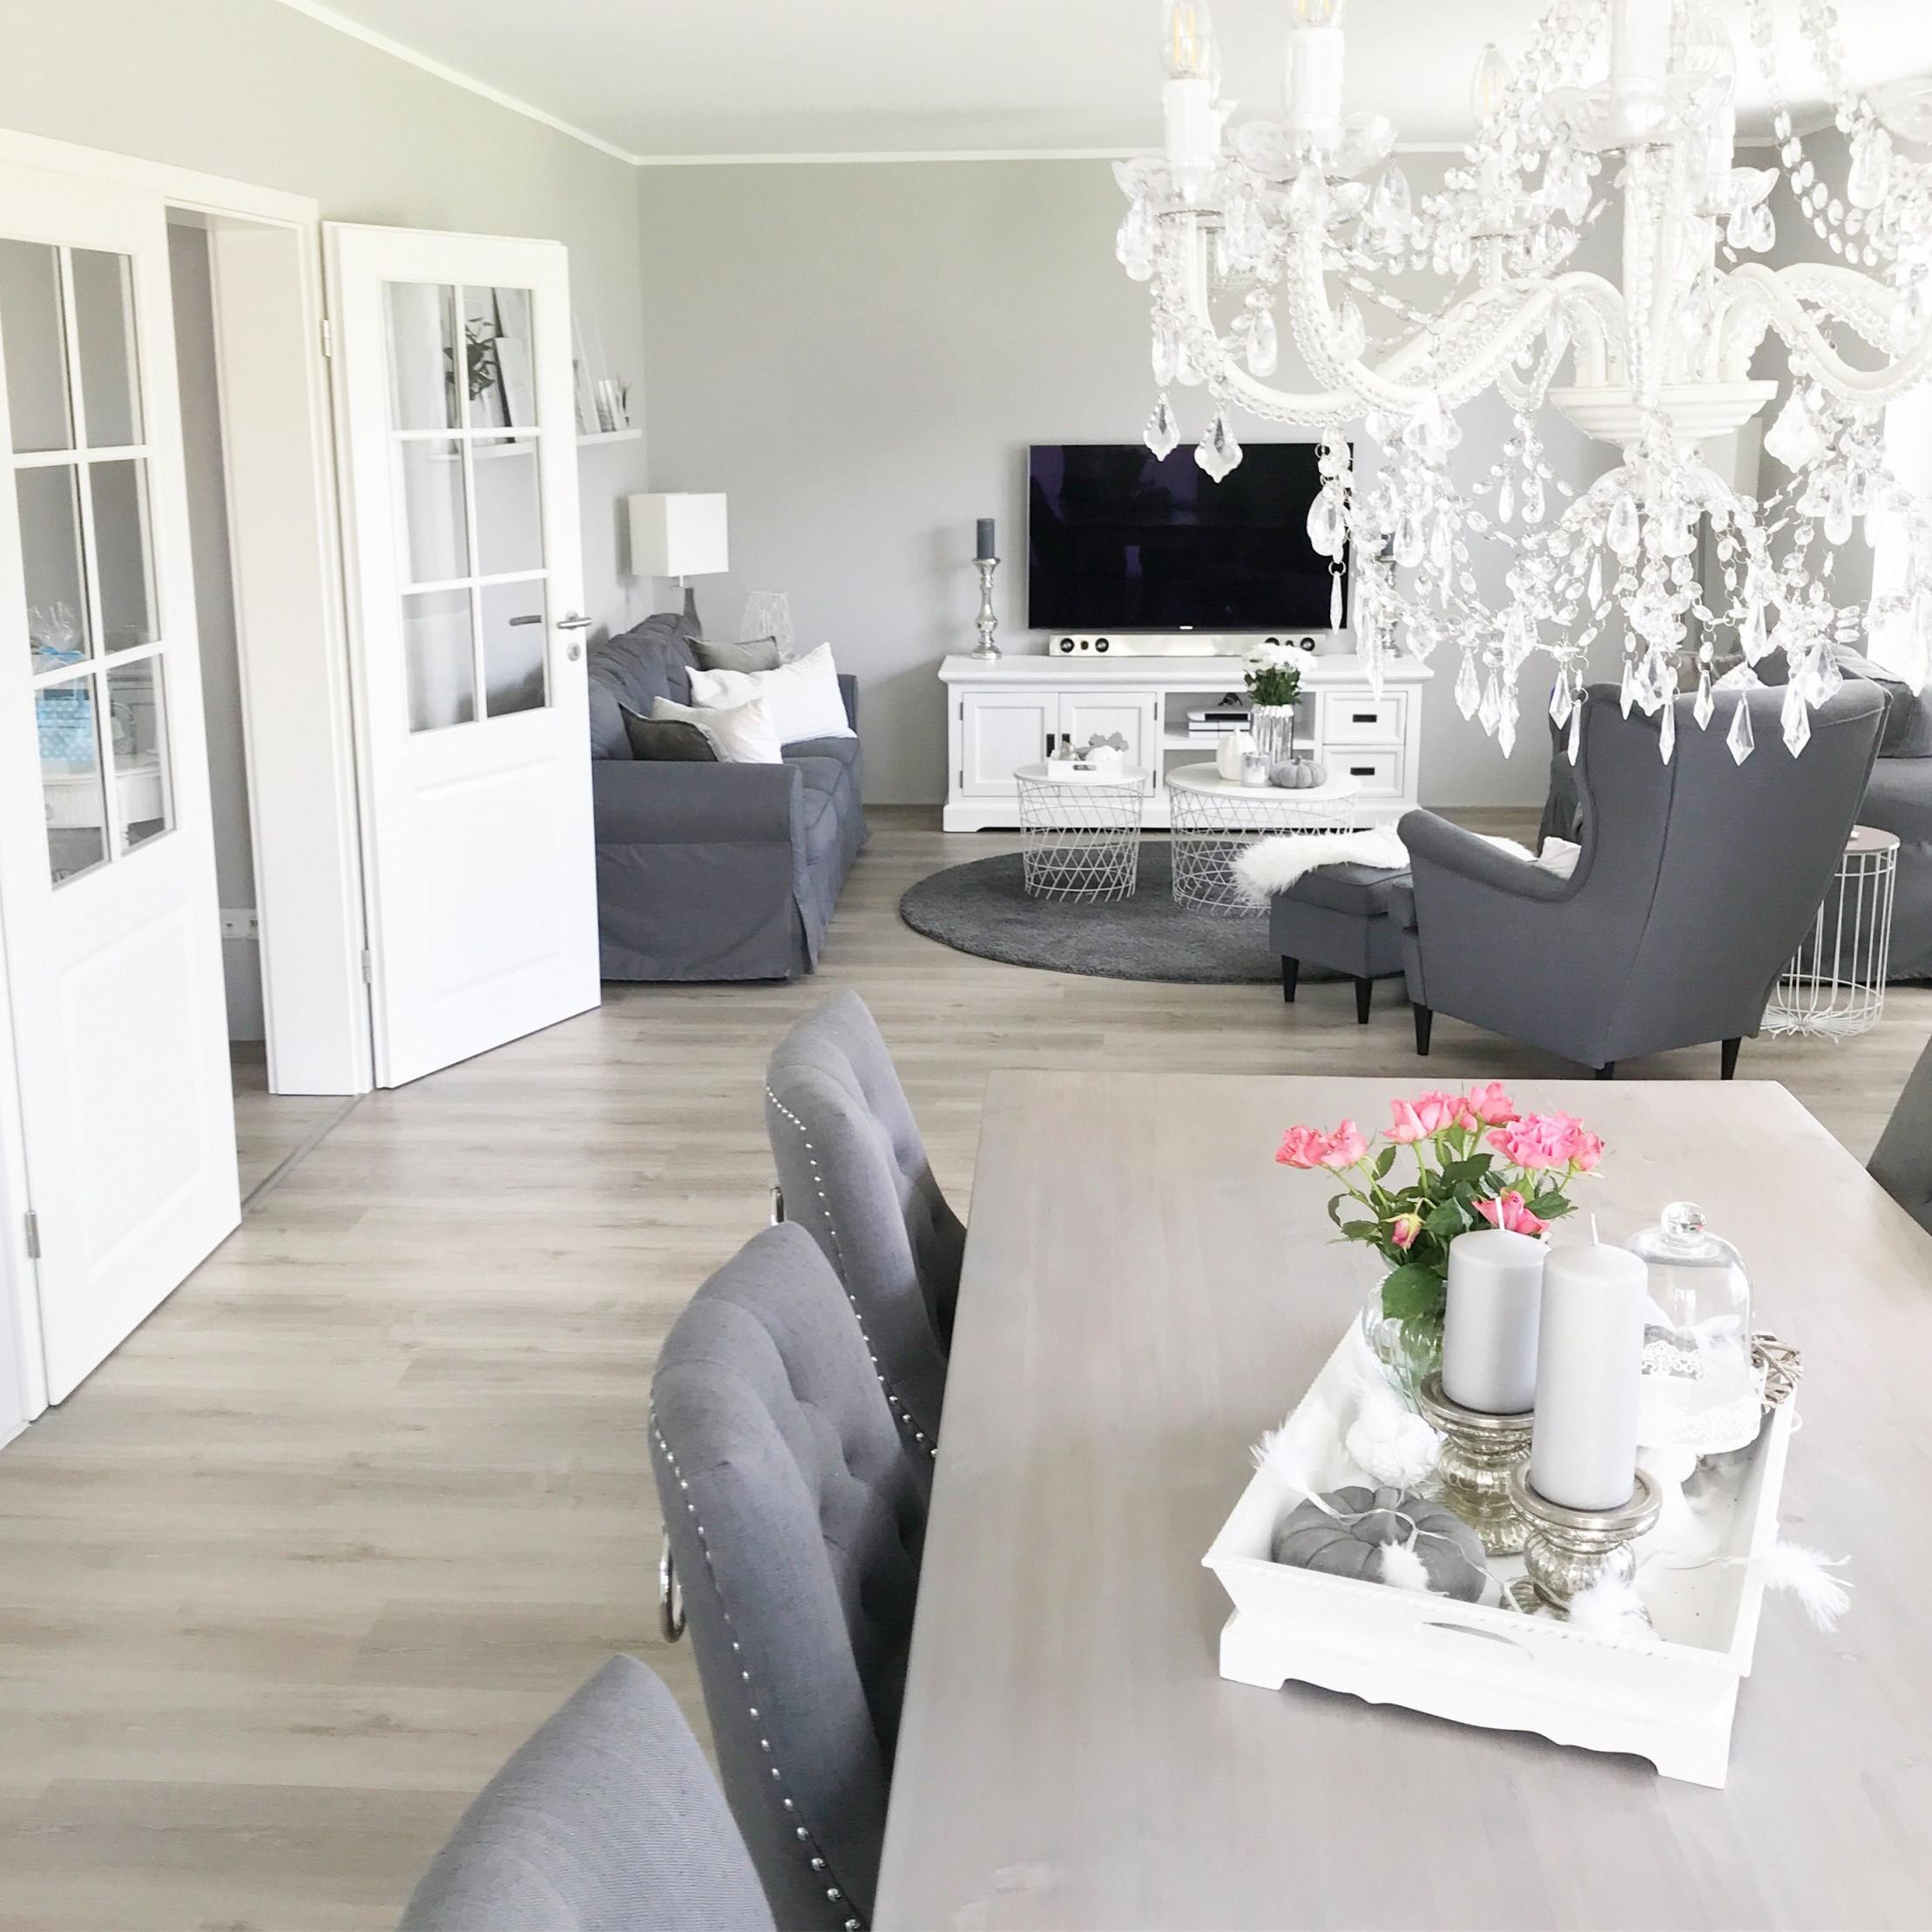 Pin Von Rosane Maria Barden Porto Da S Auf Cozinha von Wohnzimmer Ideen Landhausstil Modern Photo